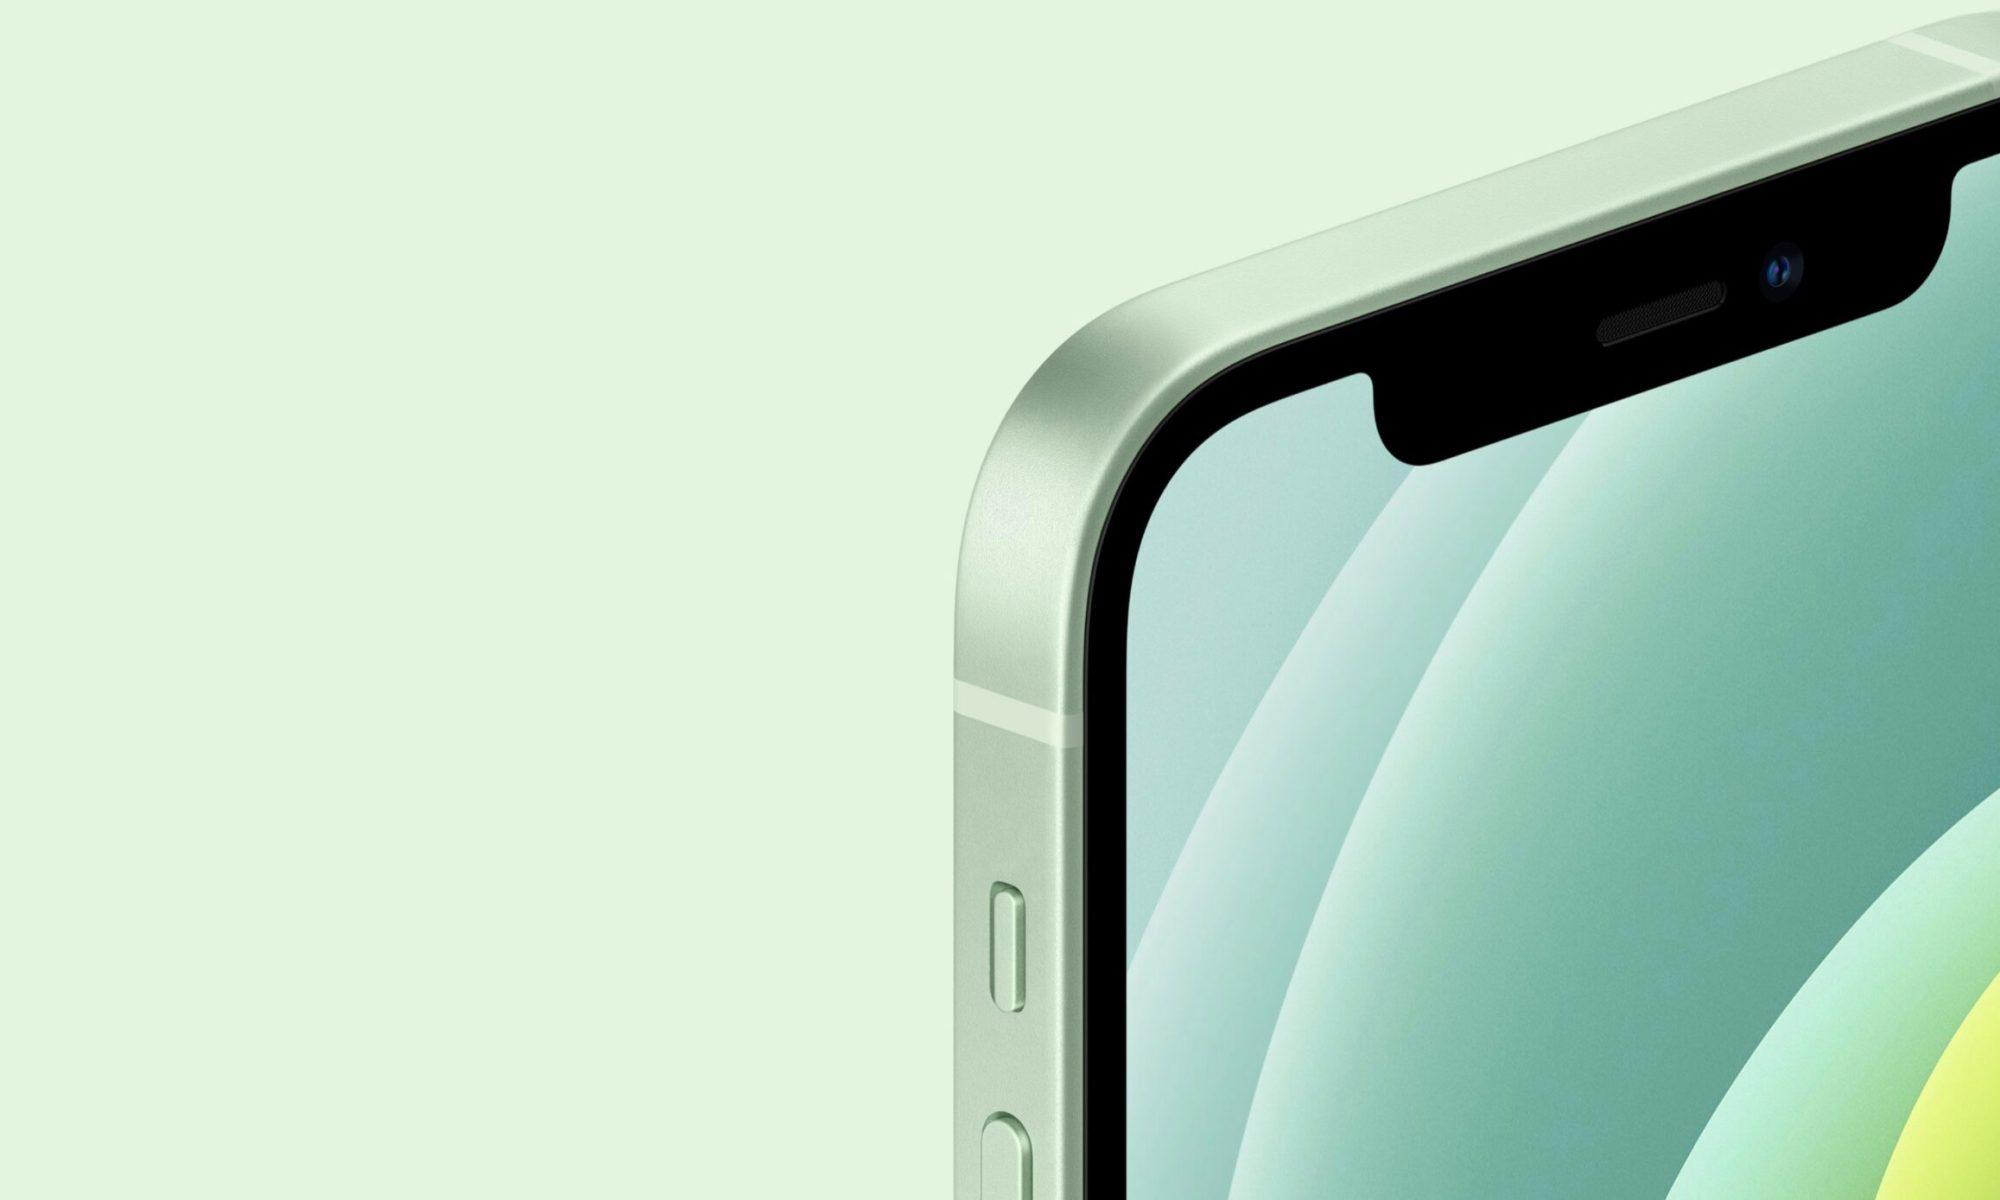 Apple lanza un programa de reemplazo para los altavoces de iPhone 12 y iPhone 12 Pro